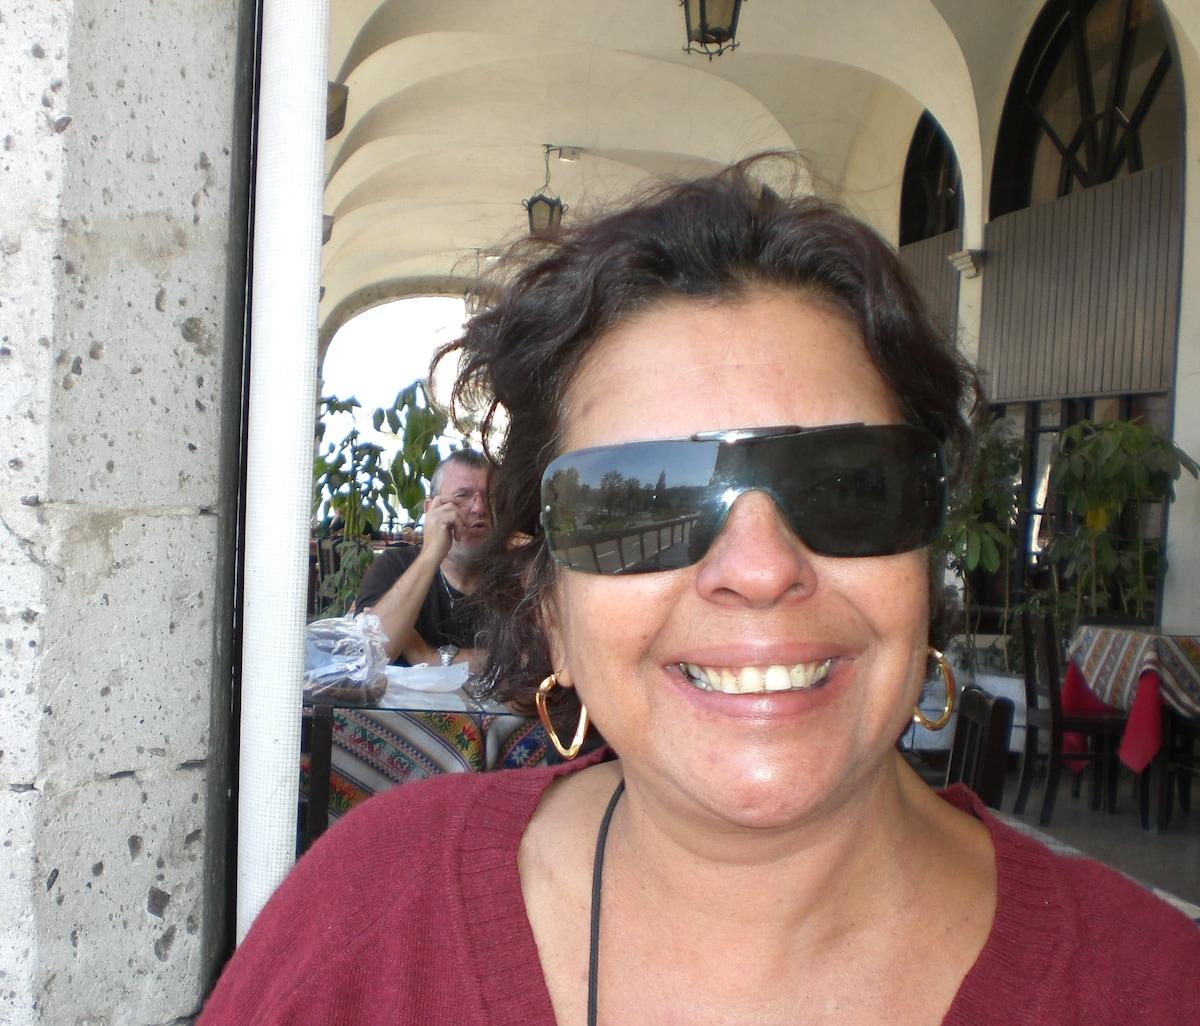 Moro no Rio de Janeiro, nascida em Salvador. Resol